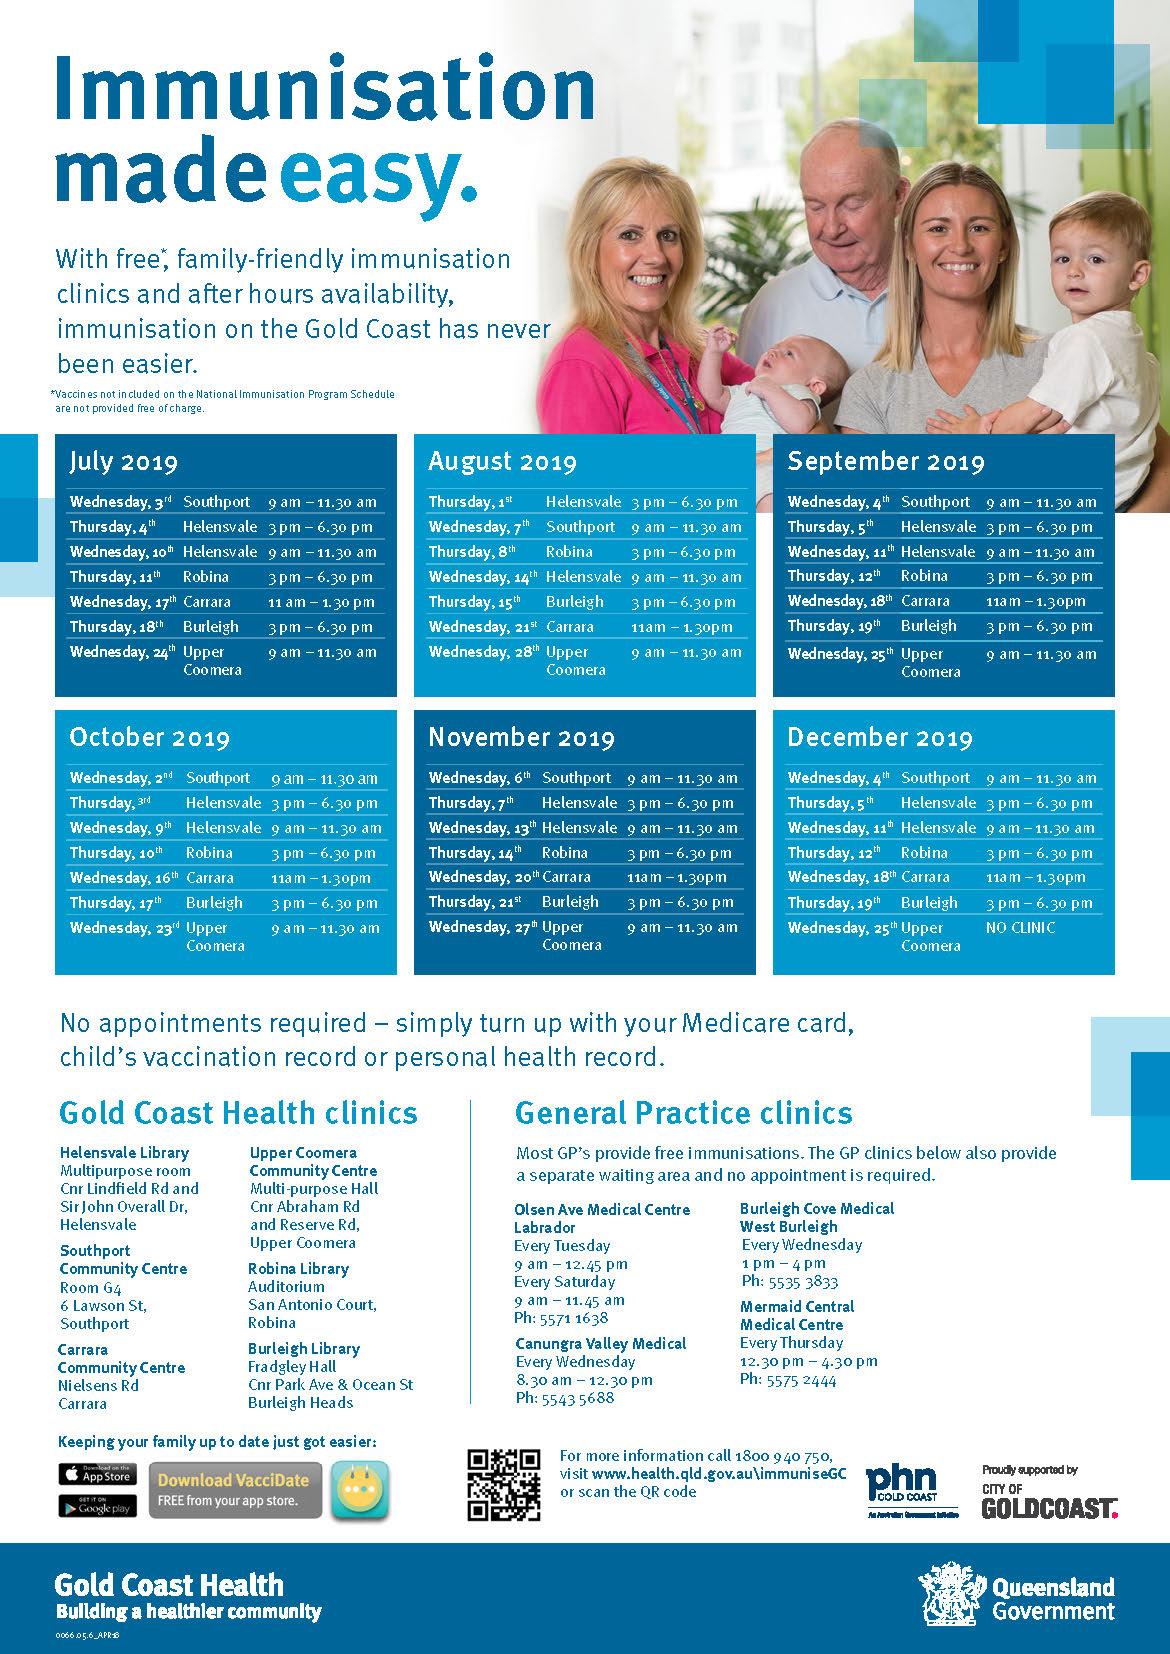 pub0066.05.6_immunisation-calendar-jul-dec19-v1_web